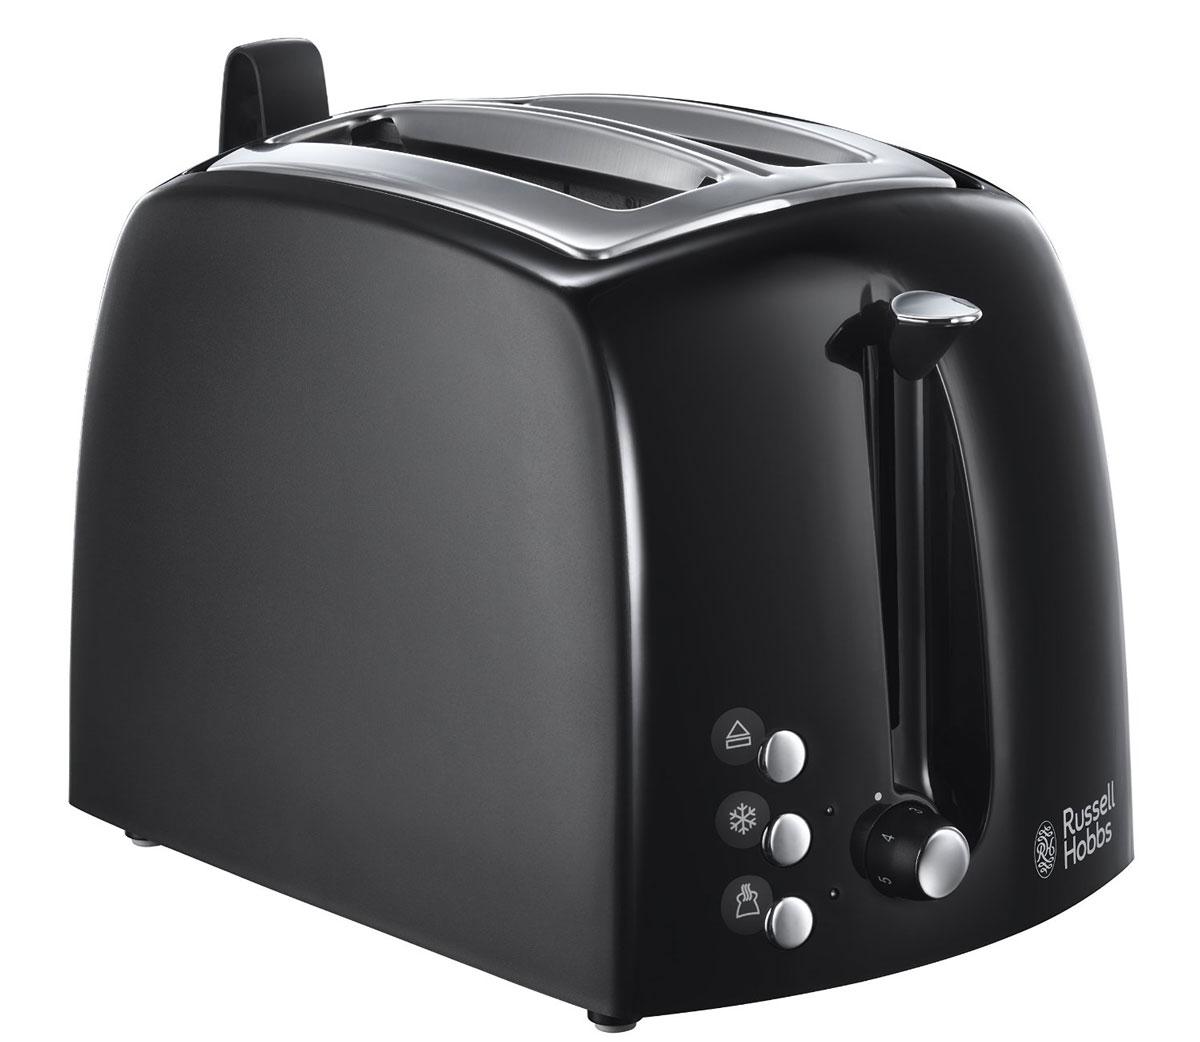 Russell Hobbs 22601-56, Black тостер электрический